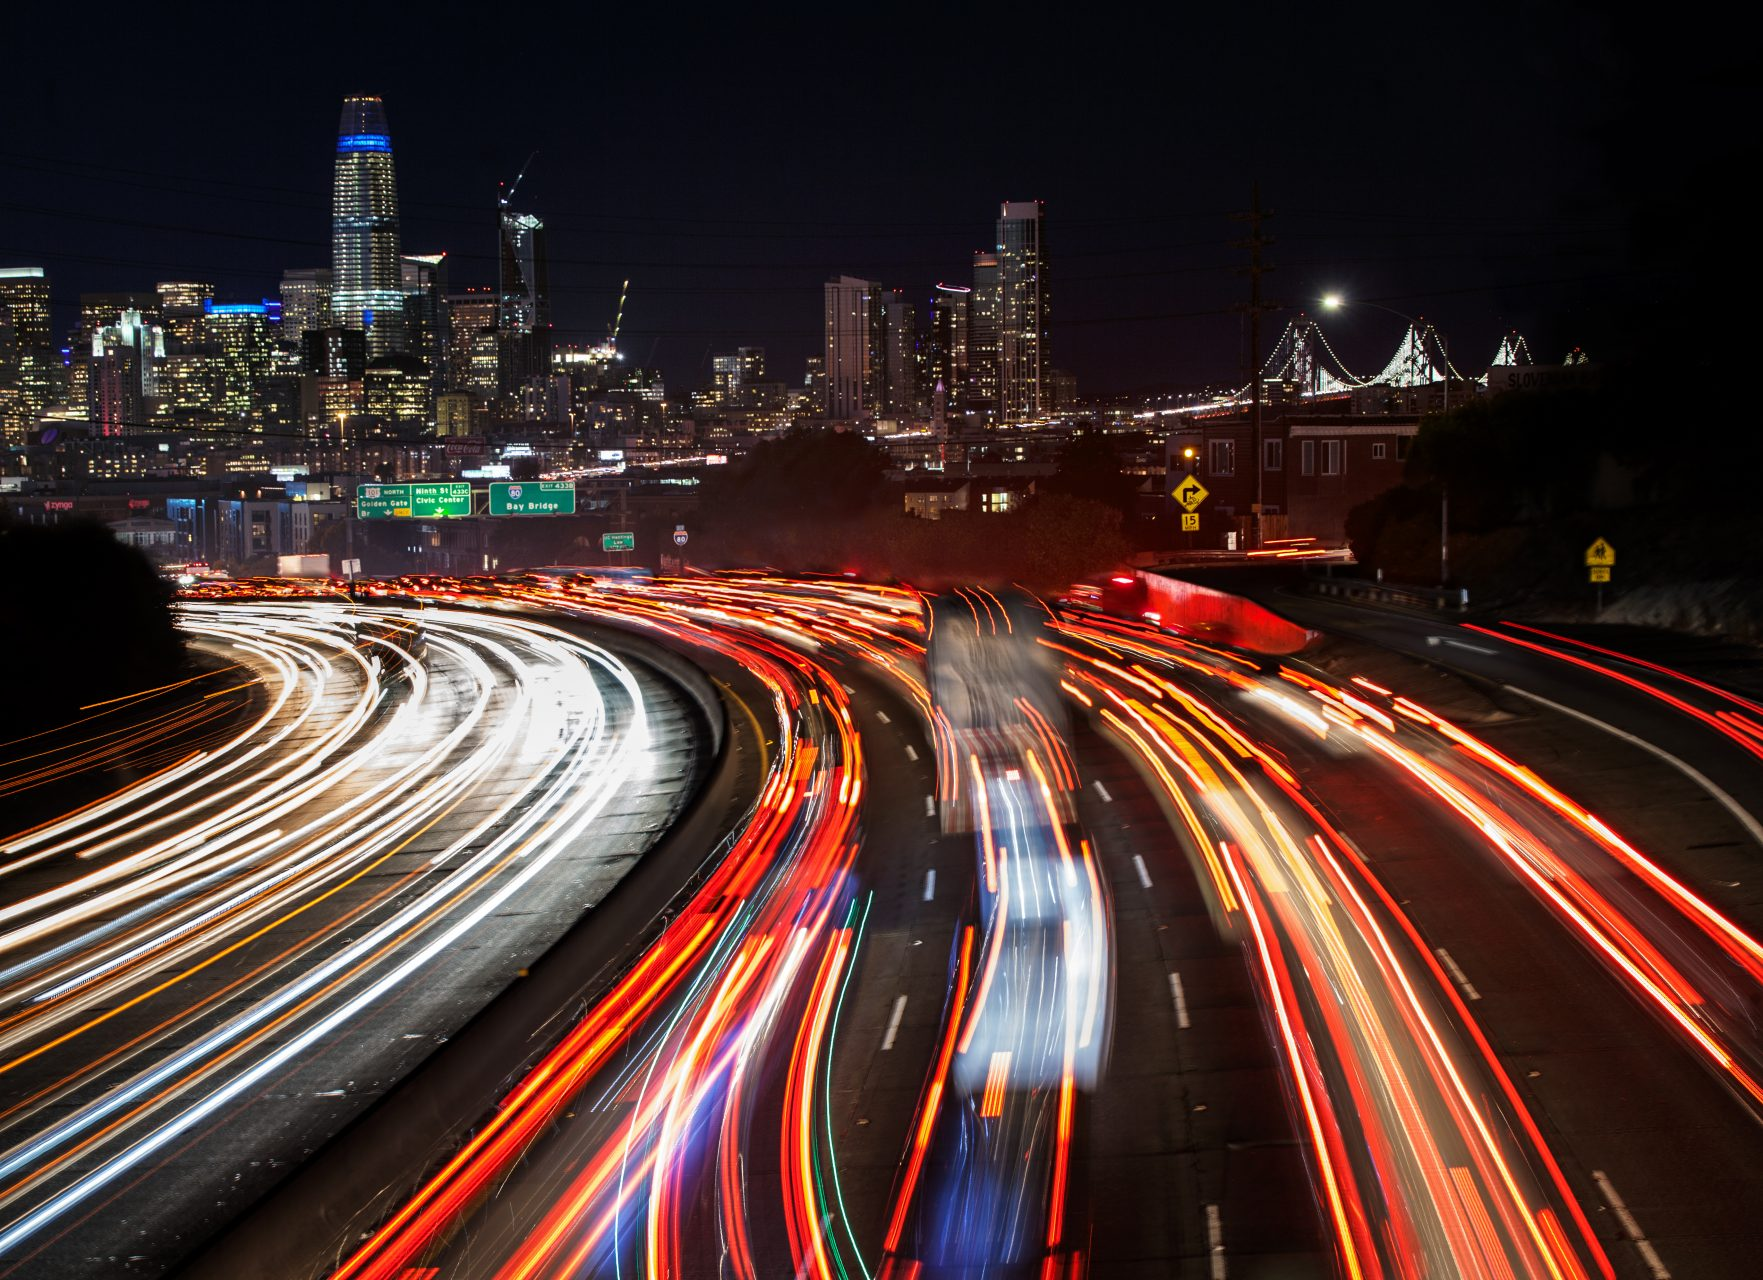 San Francisco cartrails